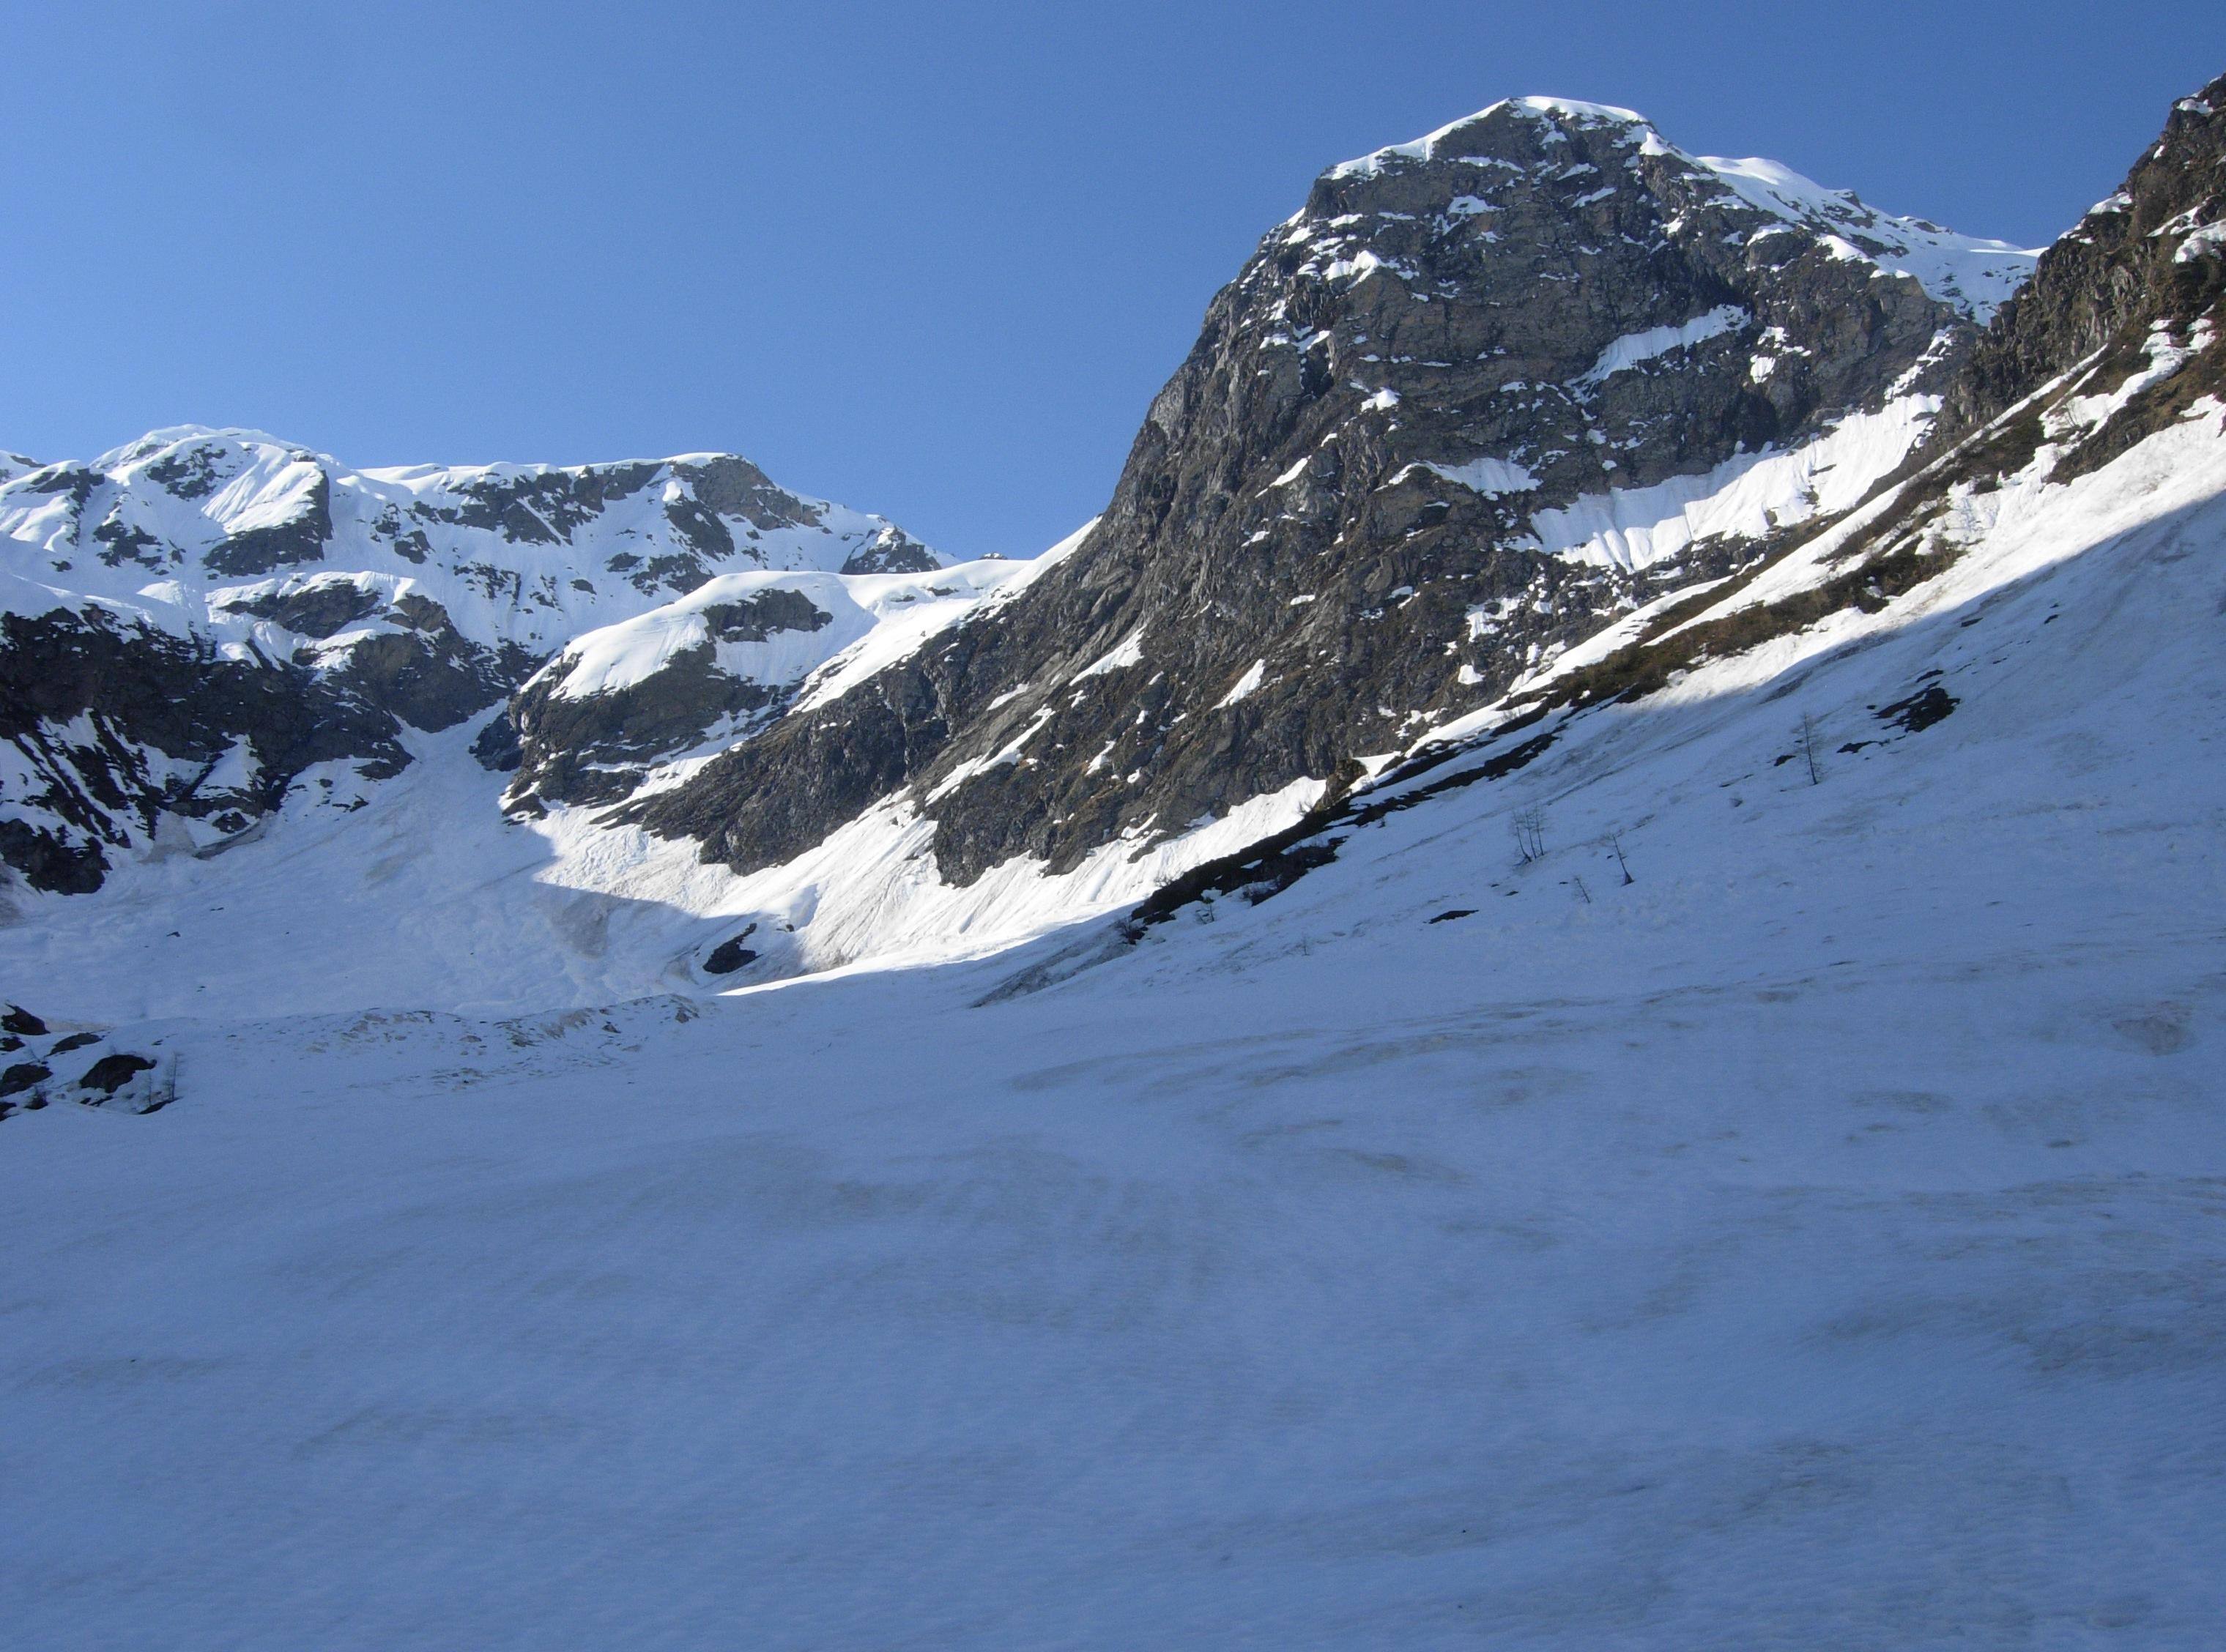 Splendida vista verso il centro della valle ancora innevata